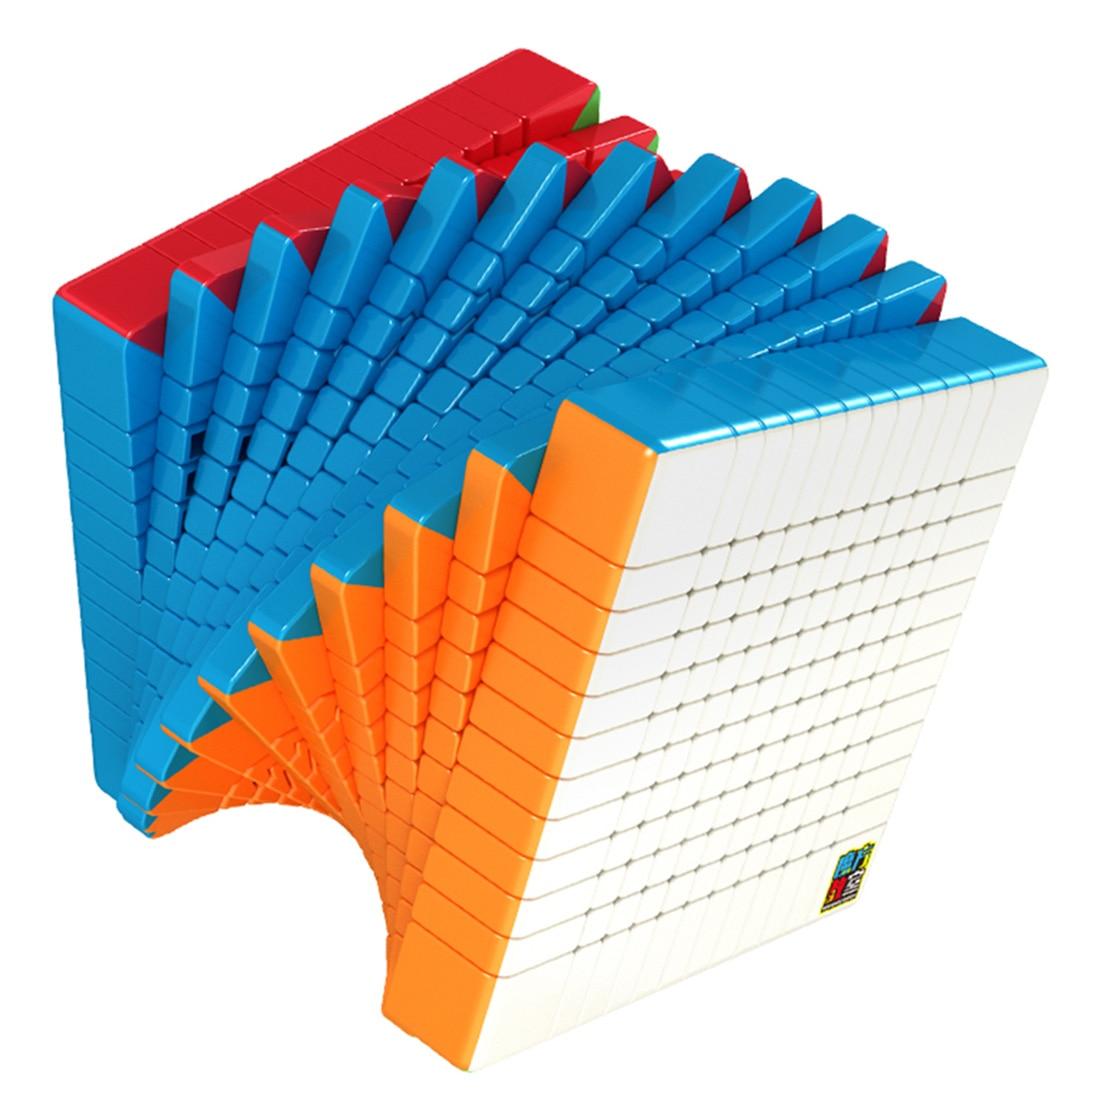 Surwish MoYu Cubing salle de classe MeiLong12 12x12 Cube magique-coloré